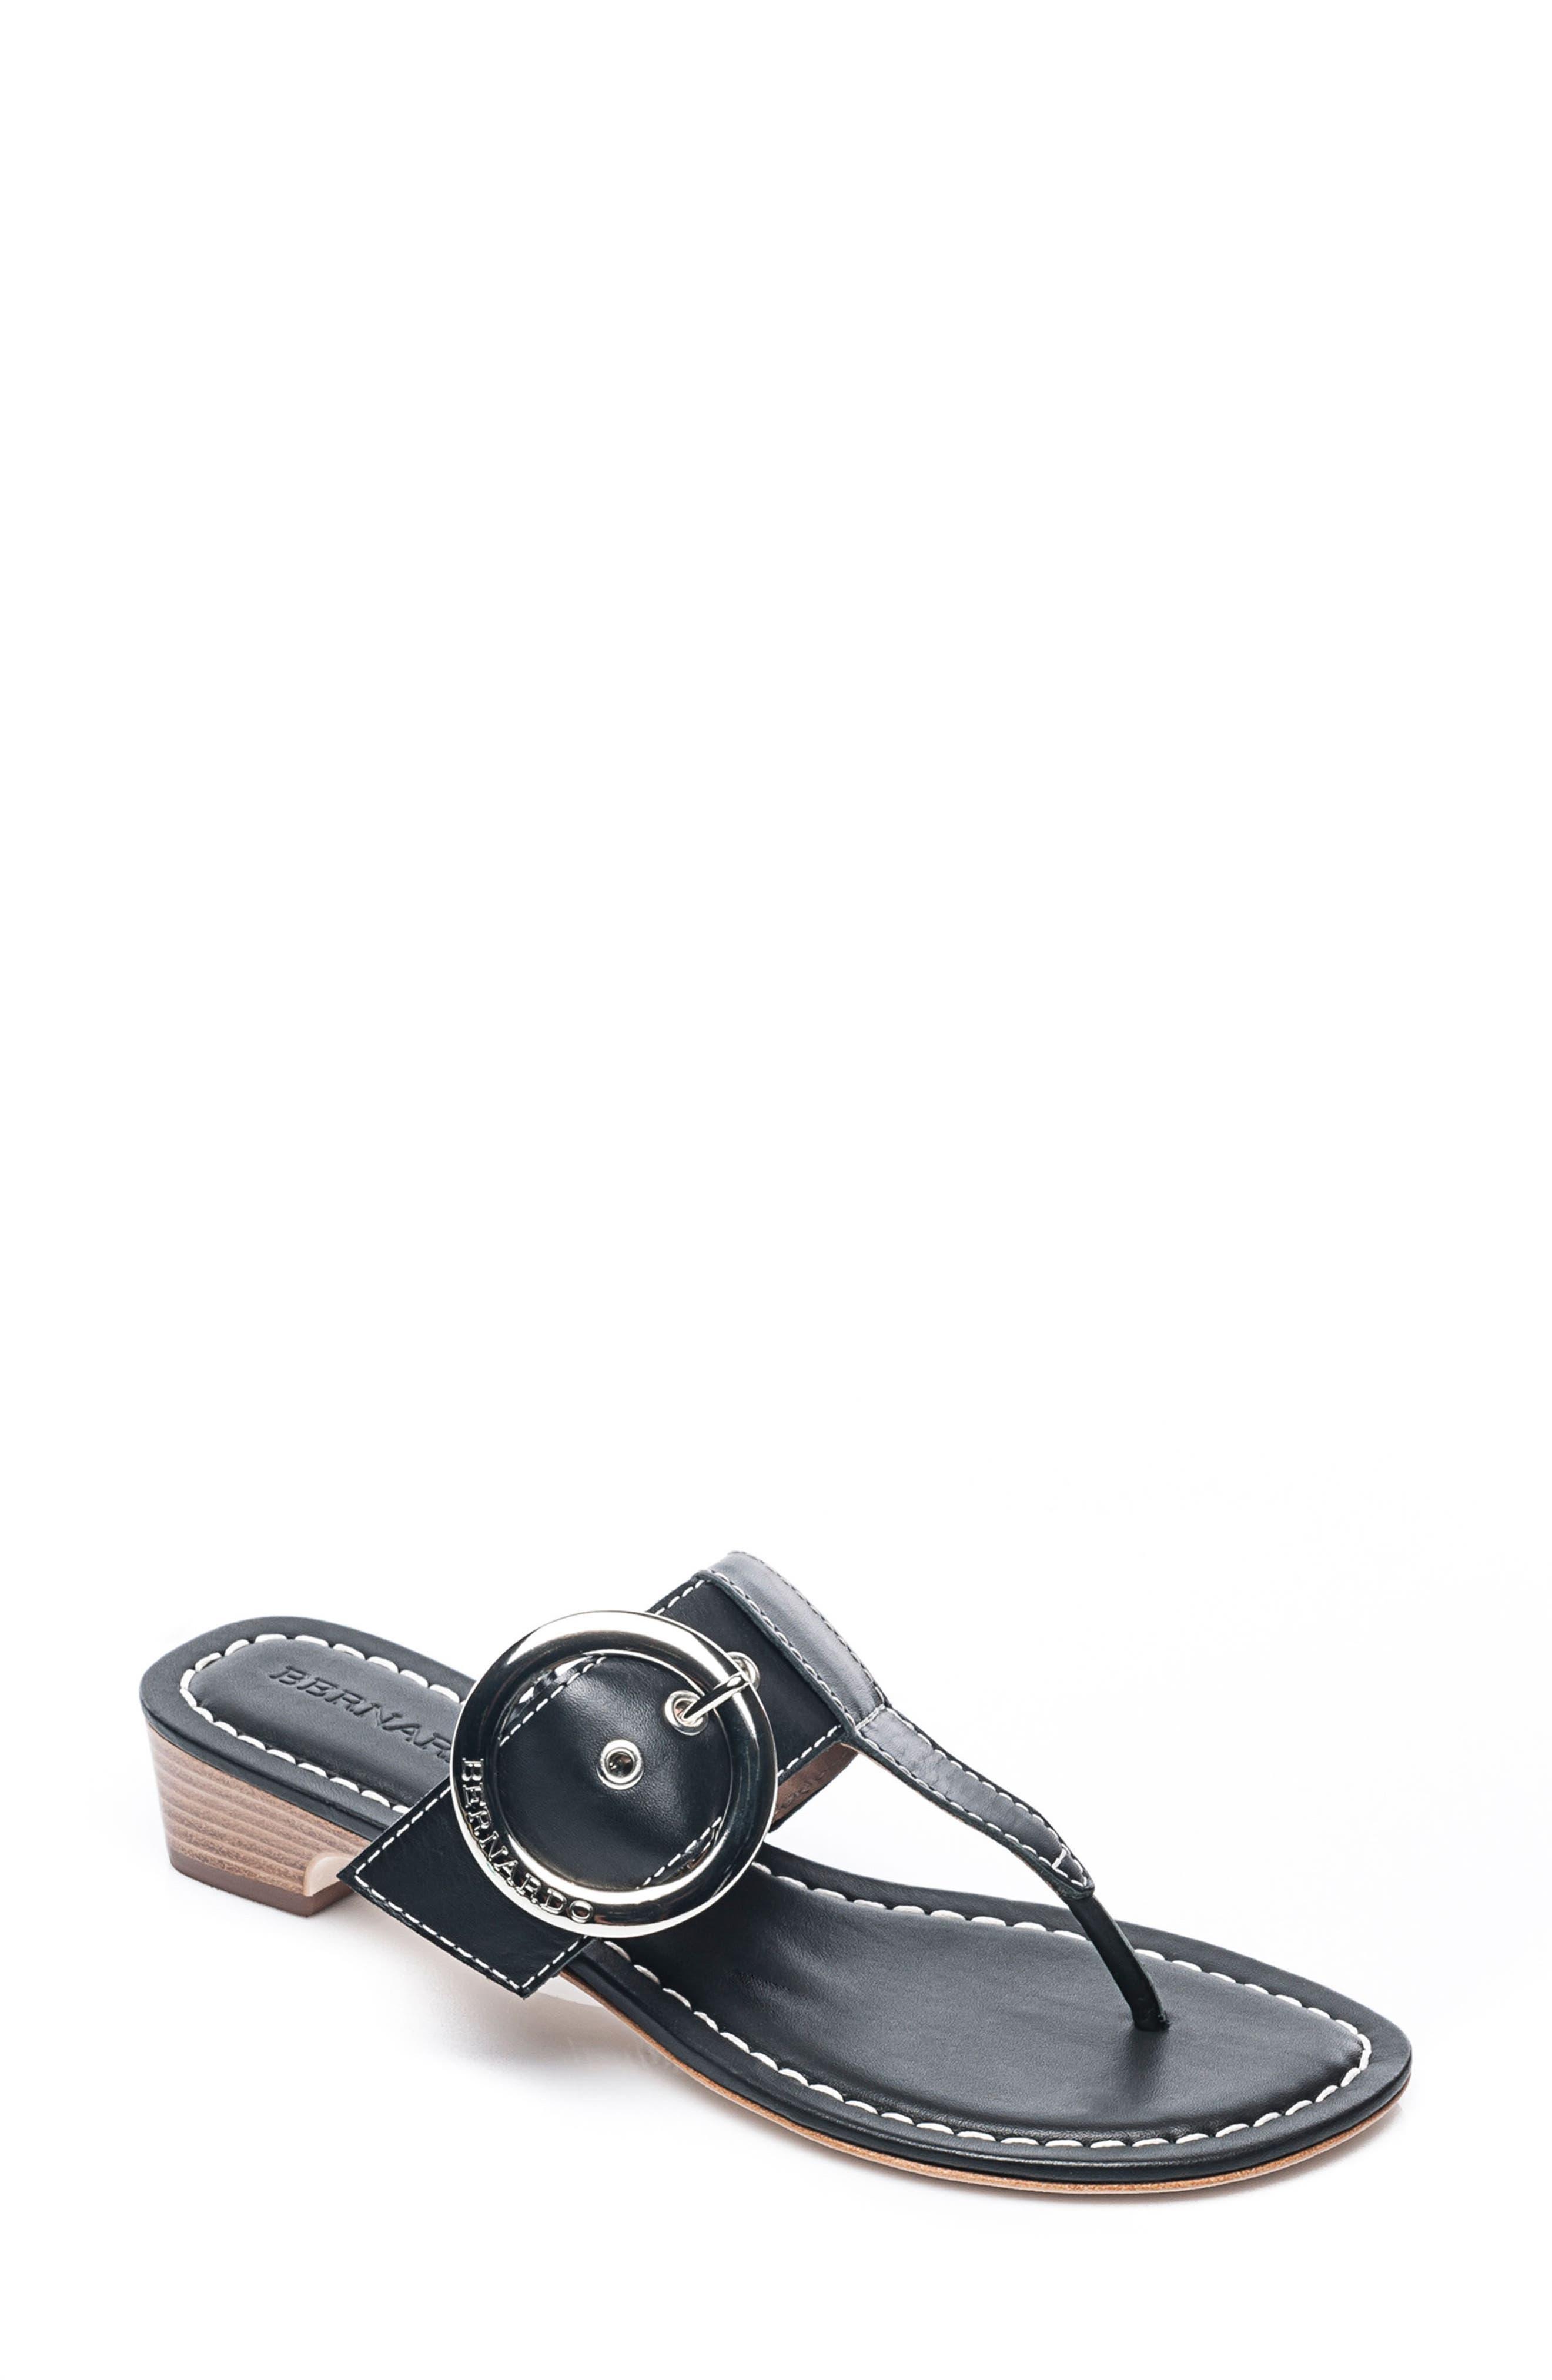 Bernardo Grace Sandal,                             Main thumbnail 1, color,                             Black Leather